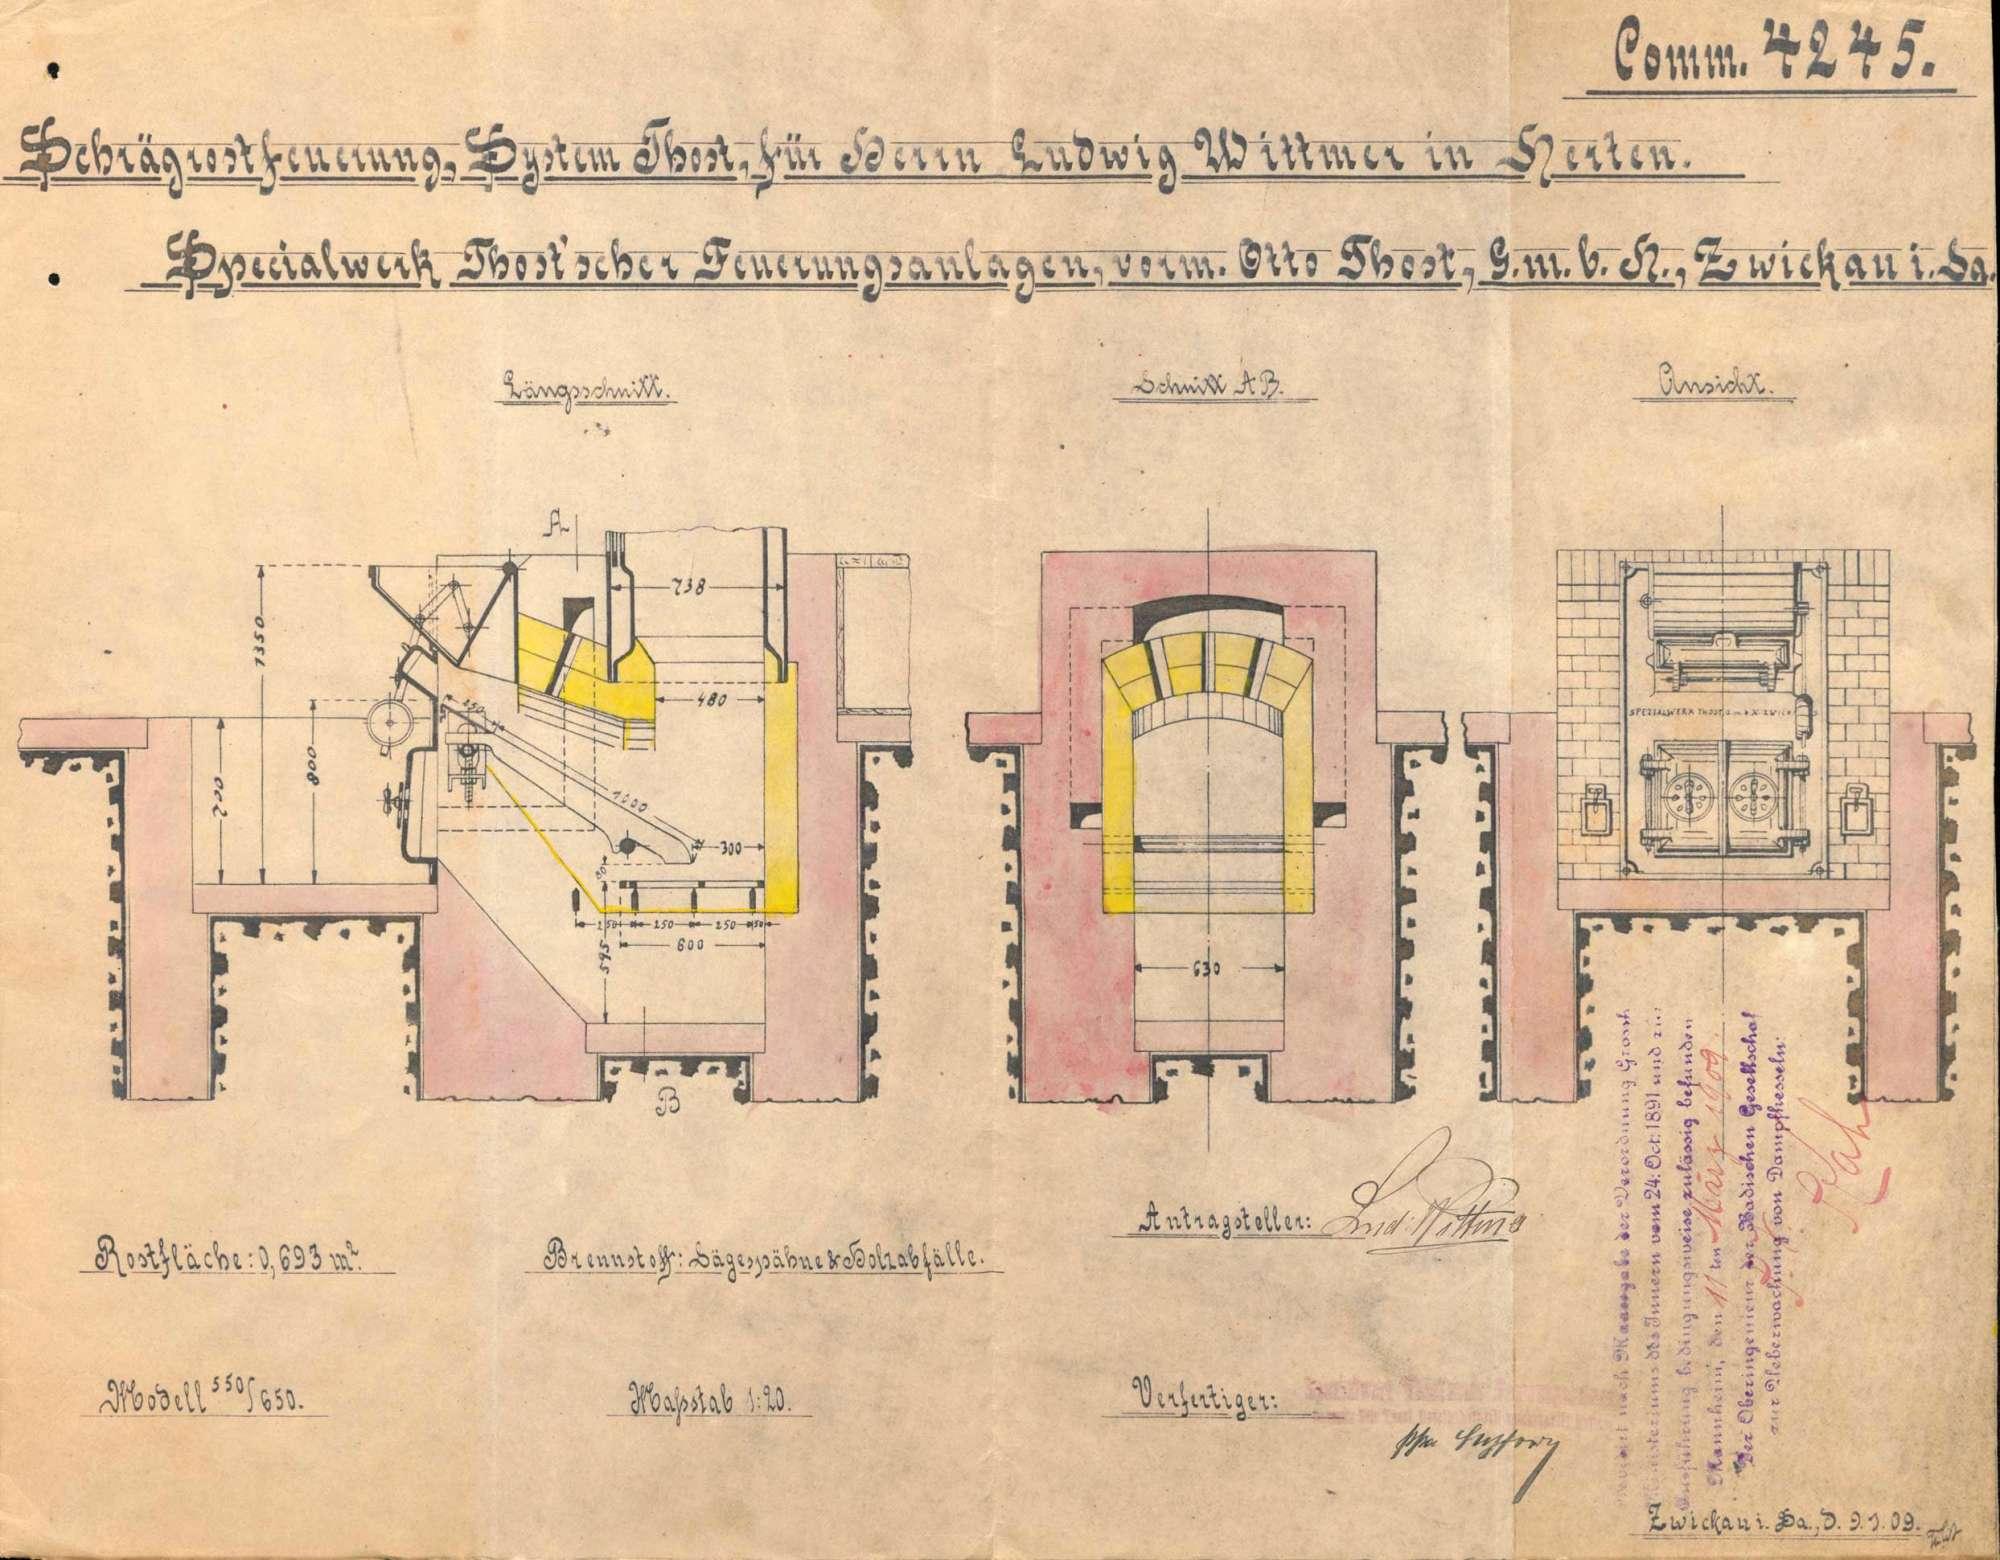 Gesuch des Ludwig Wittmer in Herten um Erlaubnis zur Anlegung bzw. Veränderung eines Dampfkessels, Bild 3